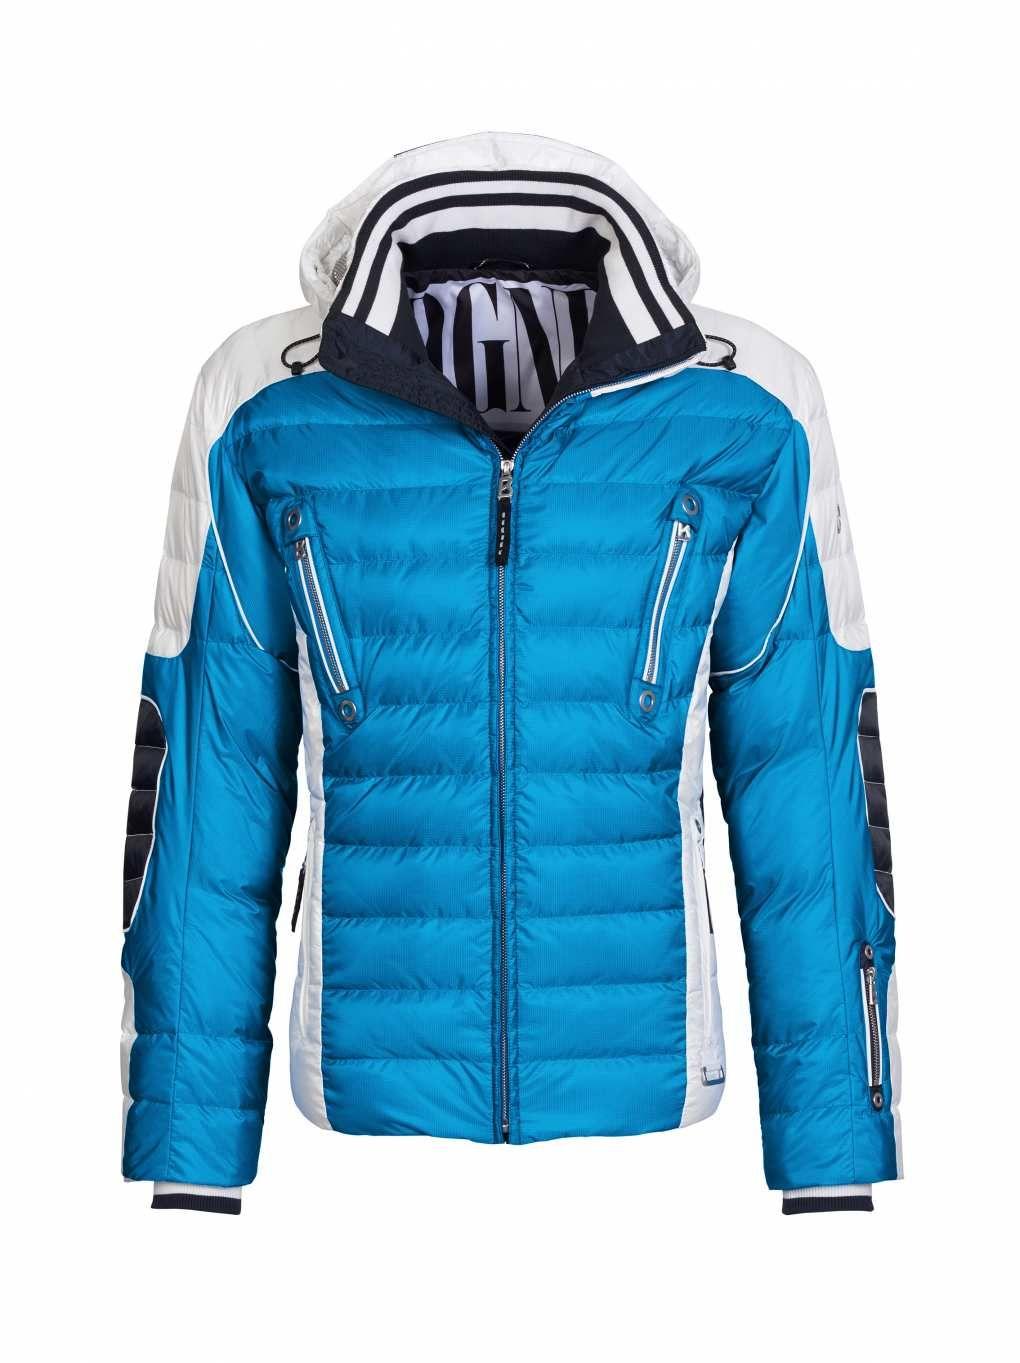 daunen skijacke ruven in blau f r herren bogner com ski jackets for men pinterest. Black Bedroom Furniture Sets. Home Design Ideas